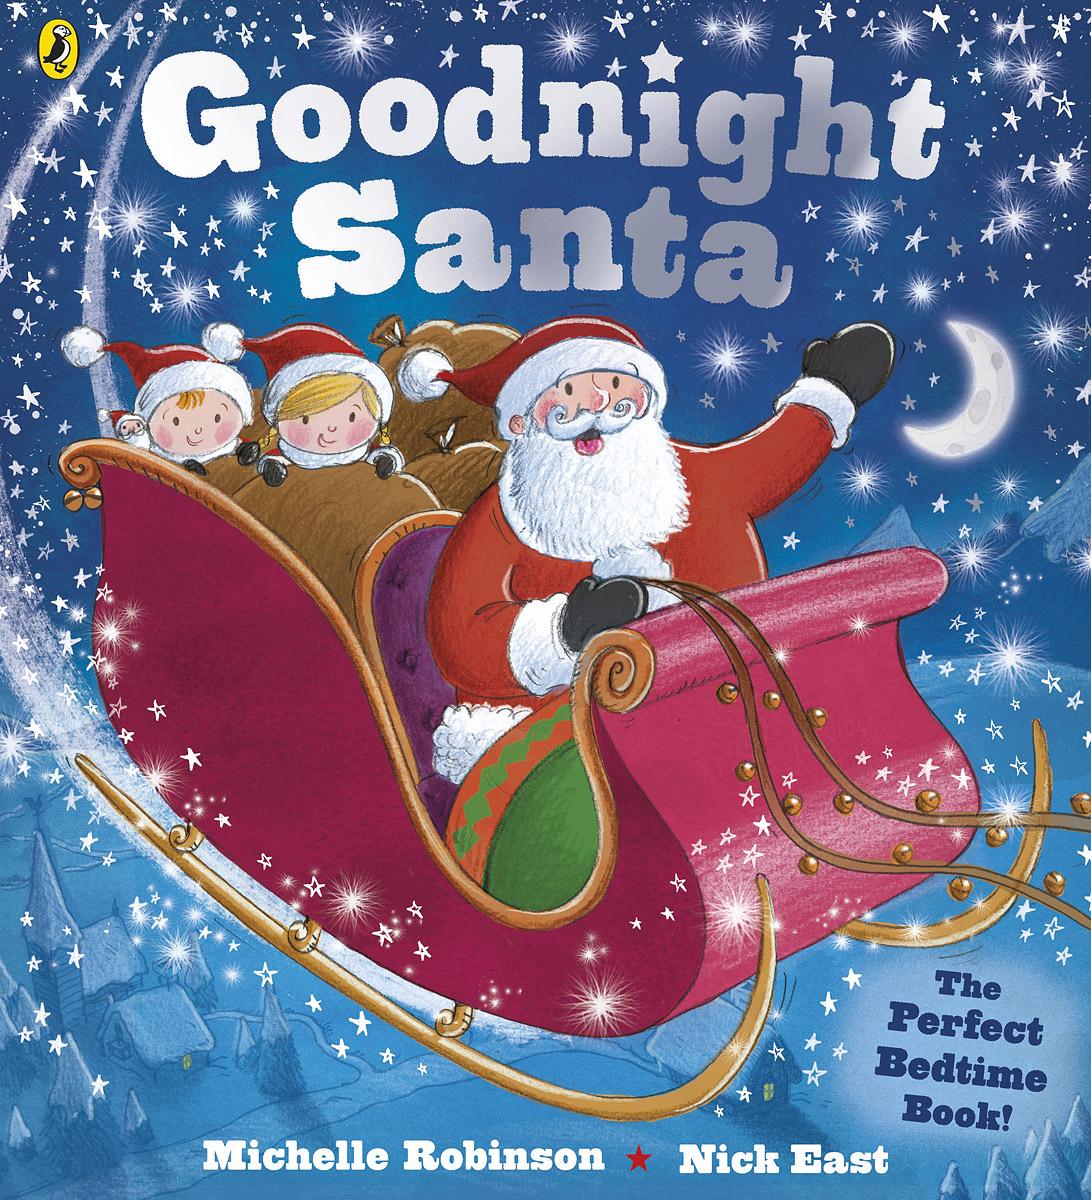 Goodnight Santa